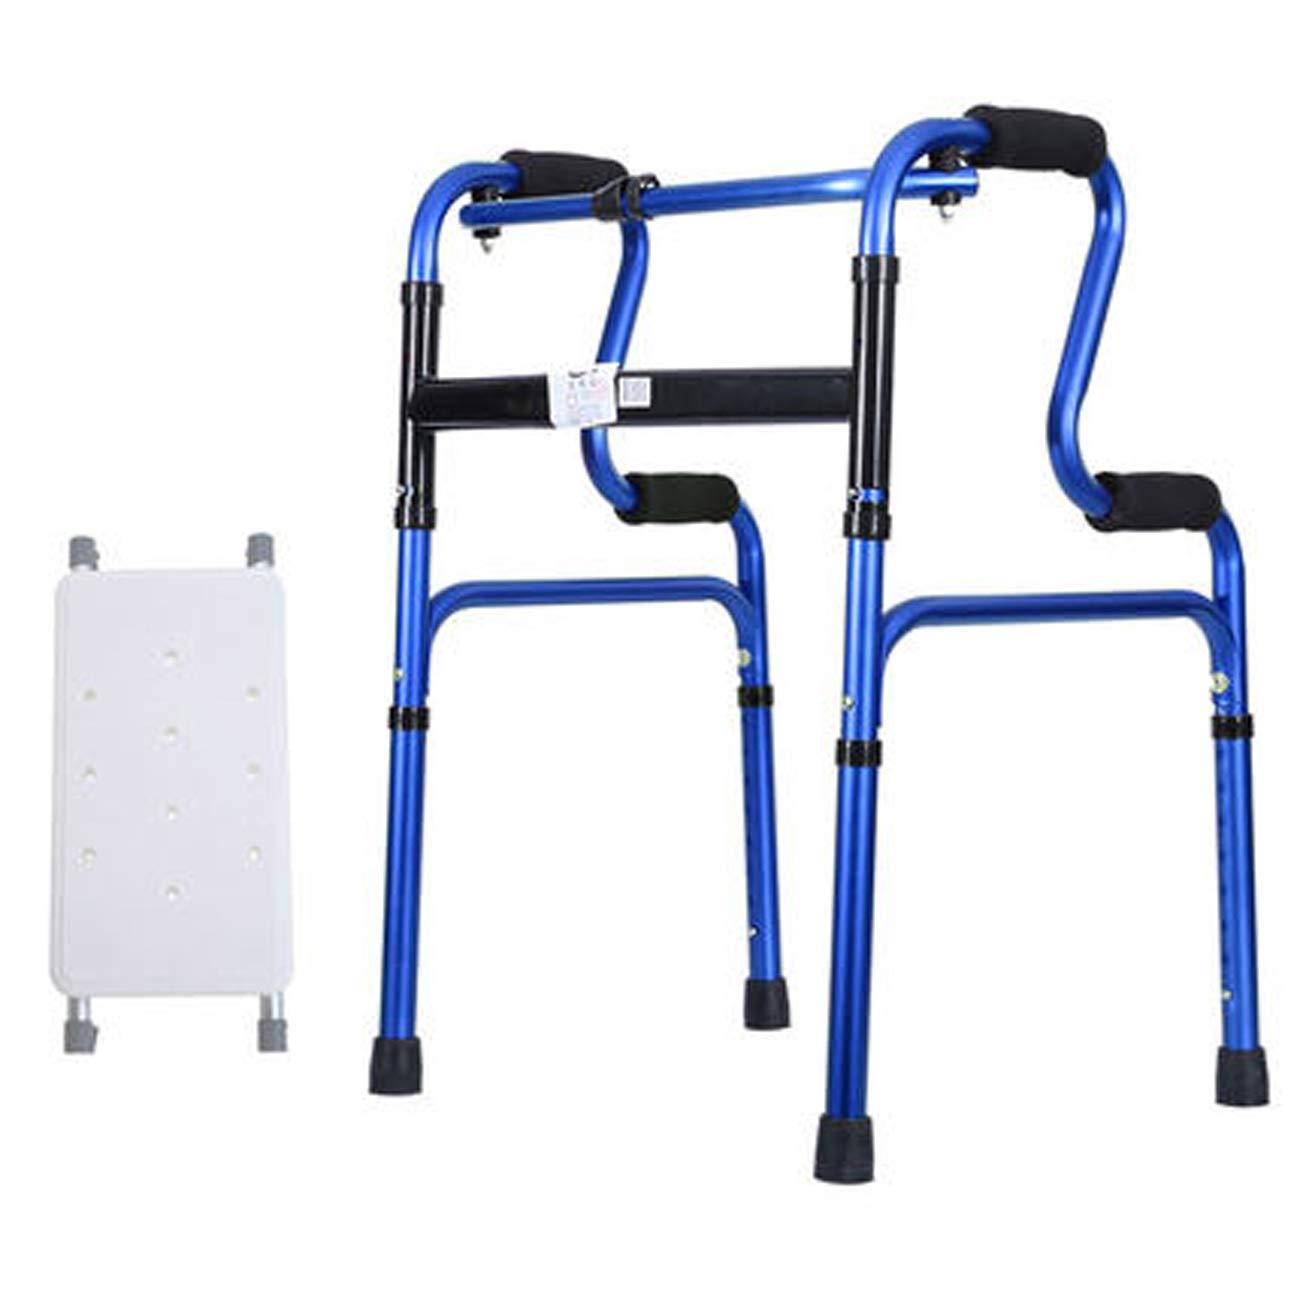 ラウンド  ウォーカー、超軽量アルミニウム合金ウォーキングウォーカー 青、シート付き歩行補助具 設計 : (色 : 青, 設計 : B) B 青 B07KS7F72X, アロマルーム:c216de31 --- a0267596.xsph.ru